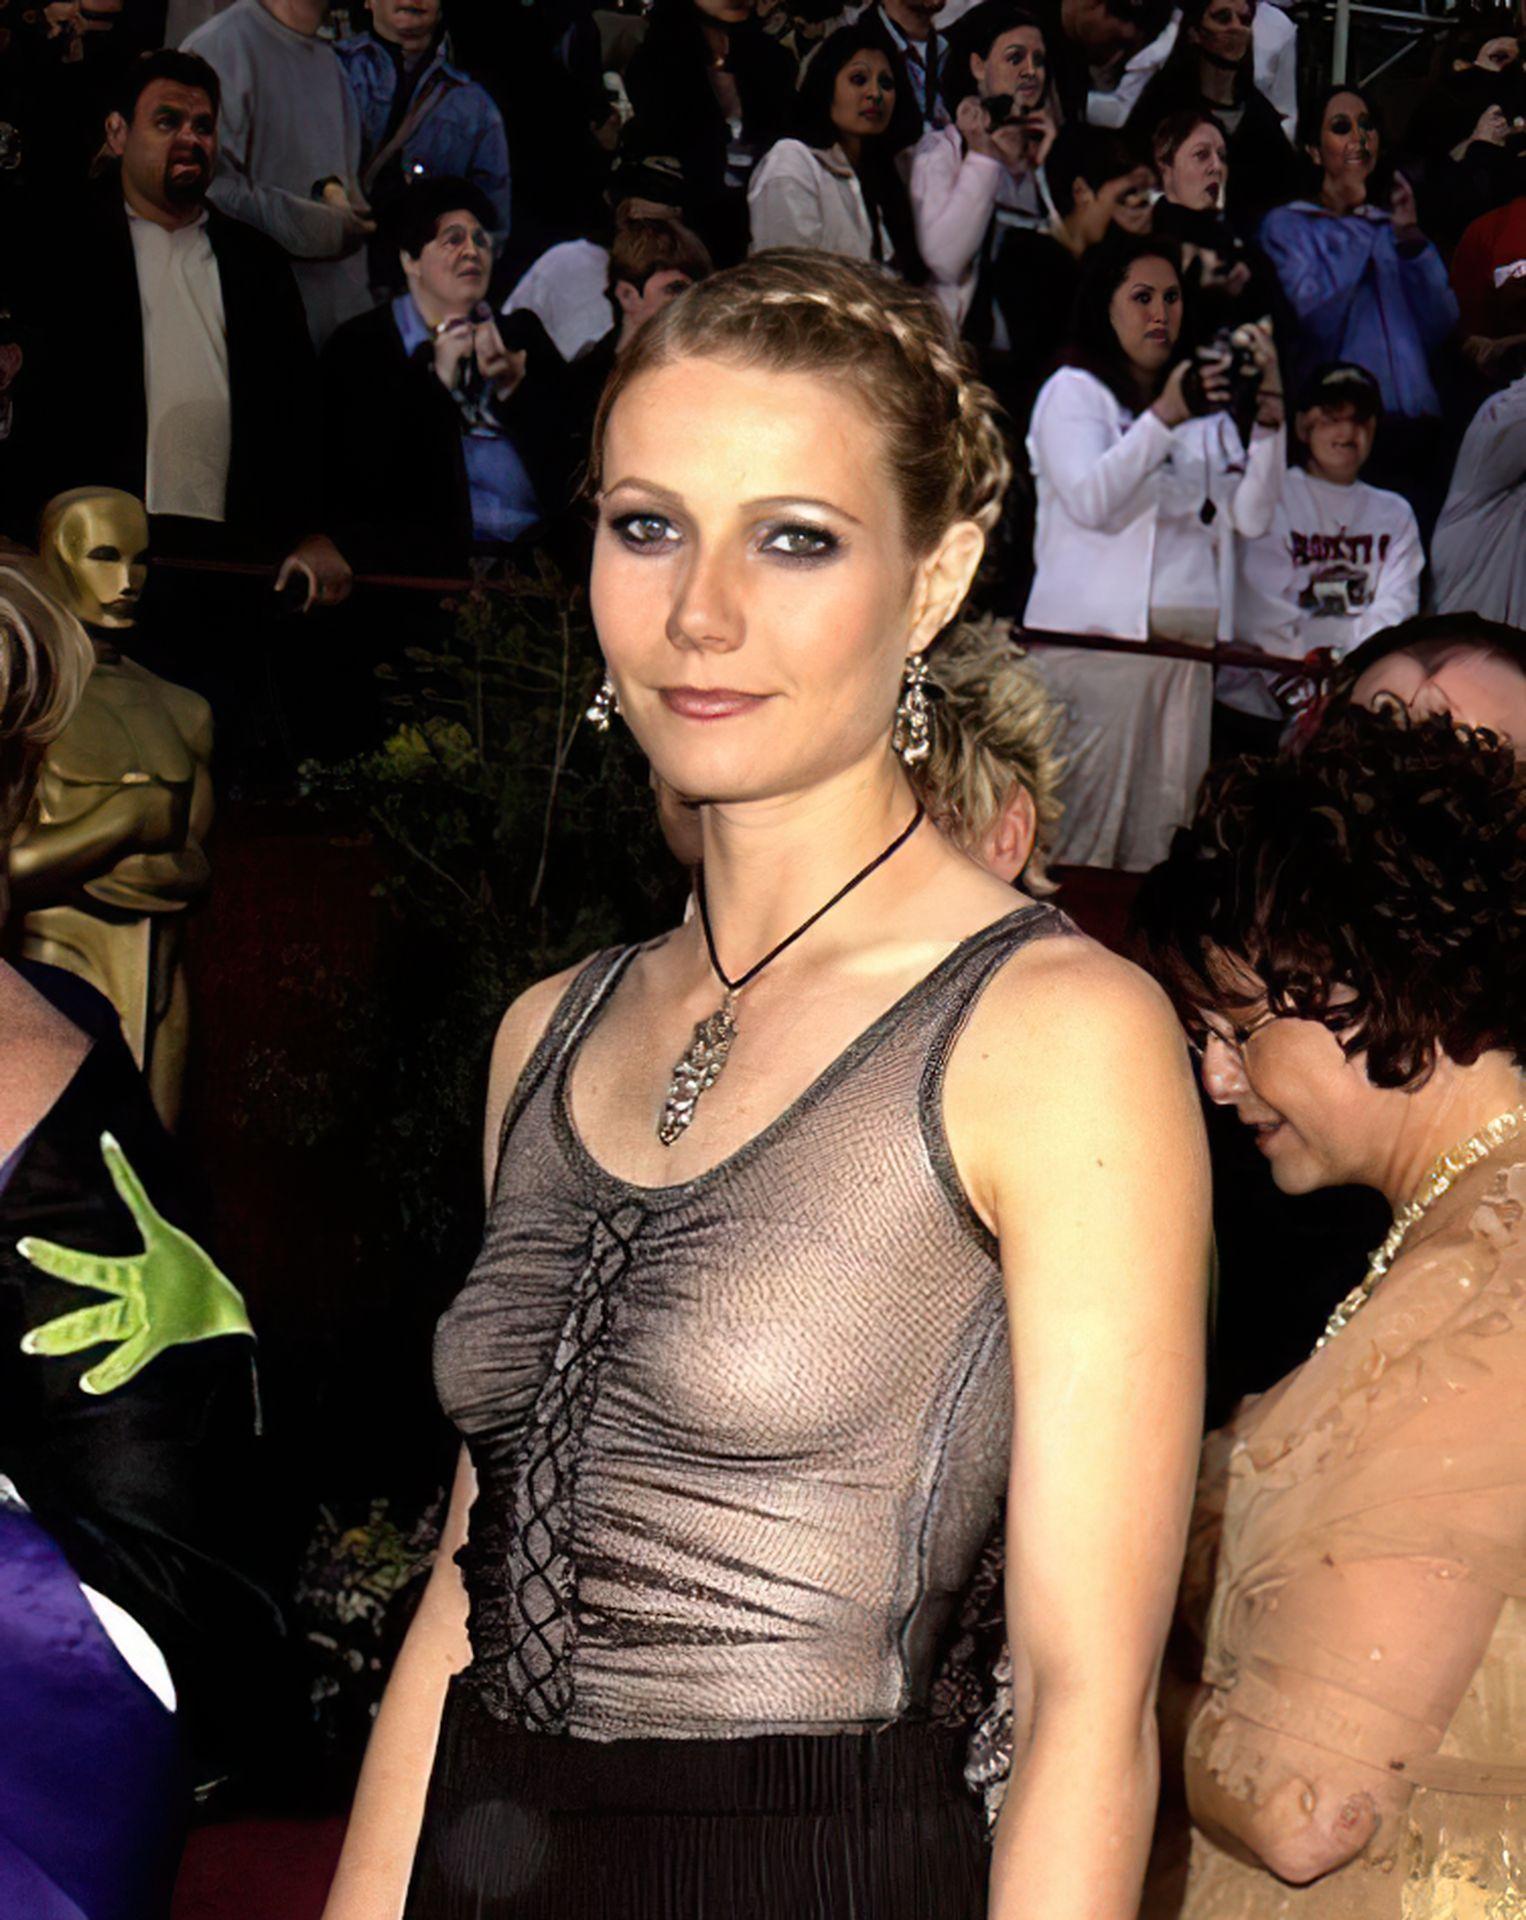 Superstar Gwyneth Paltrow Nude Photos HD